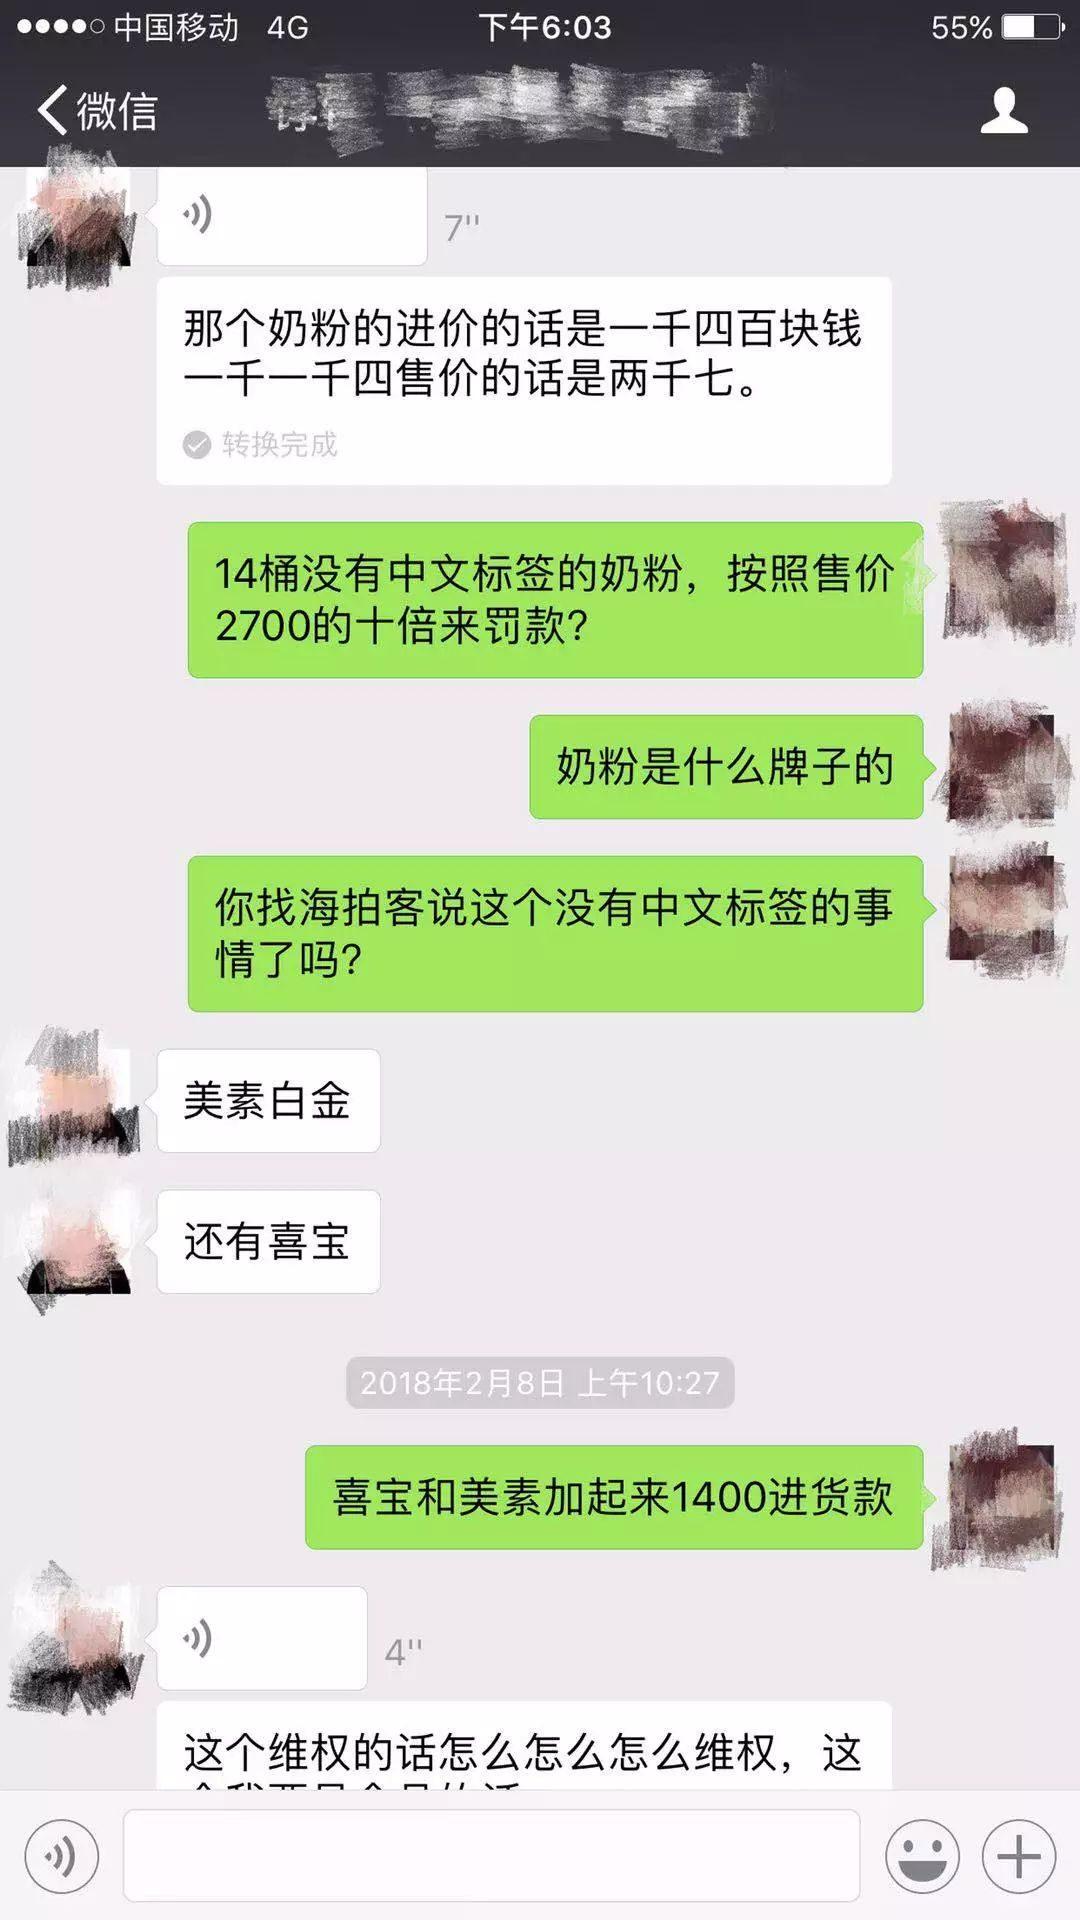 母婴门店销售无中文标签跨境产品,被工商查处按照零售价10倍罚款-母婴前沿网